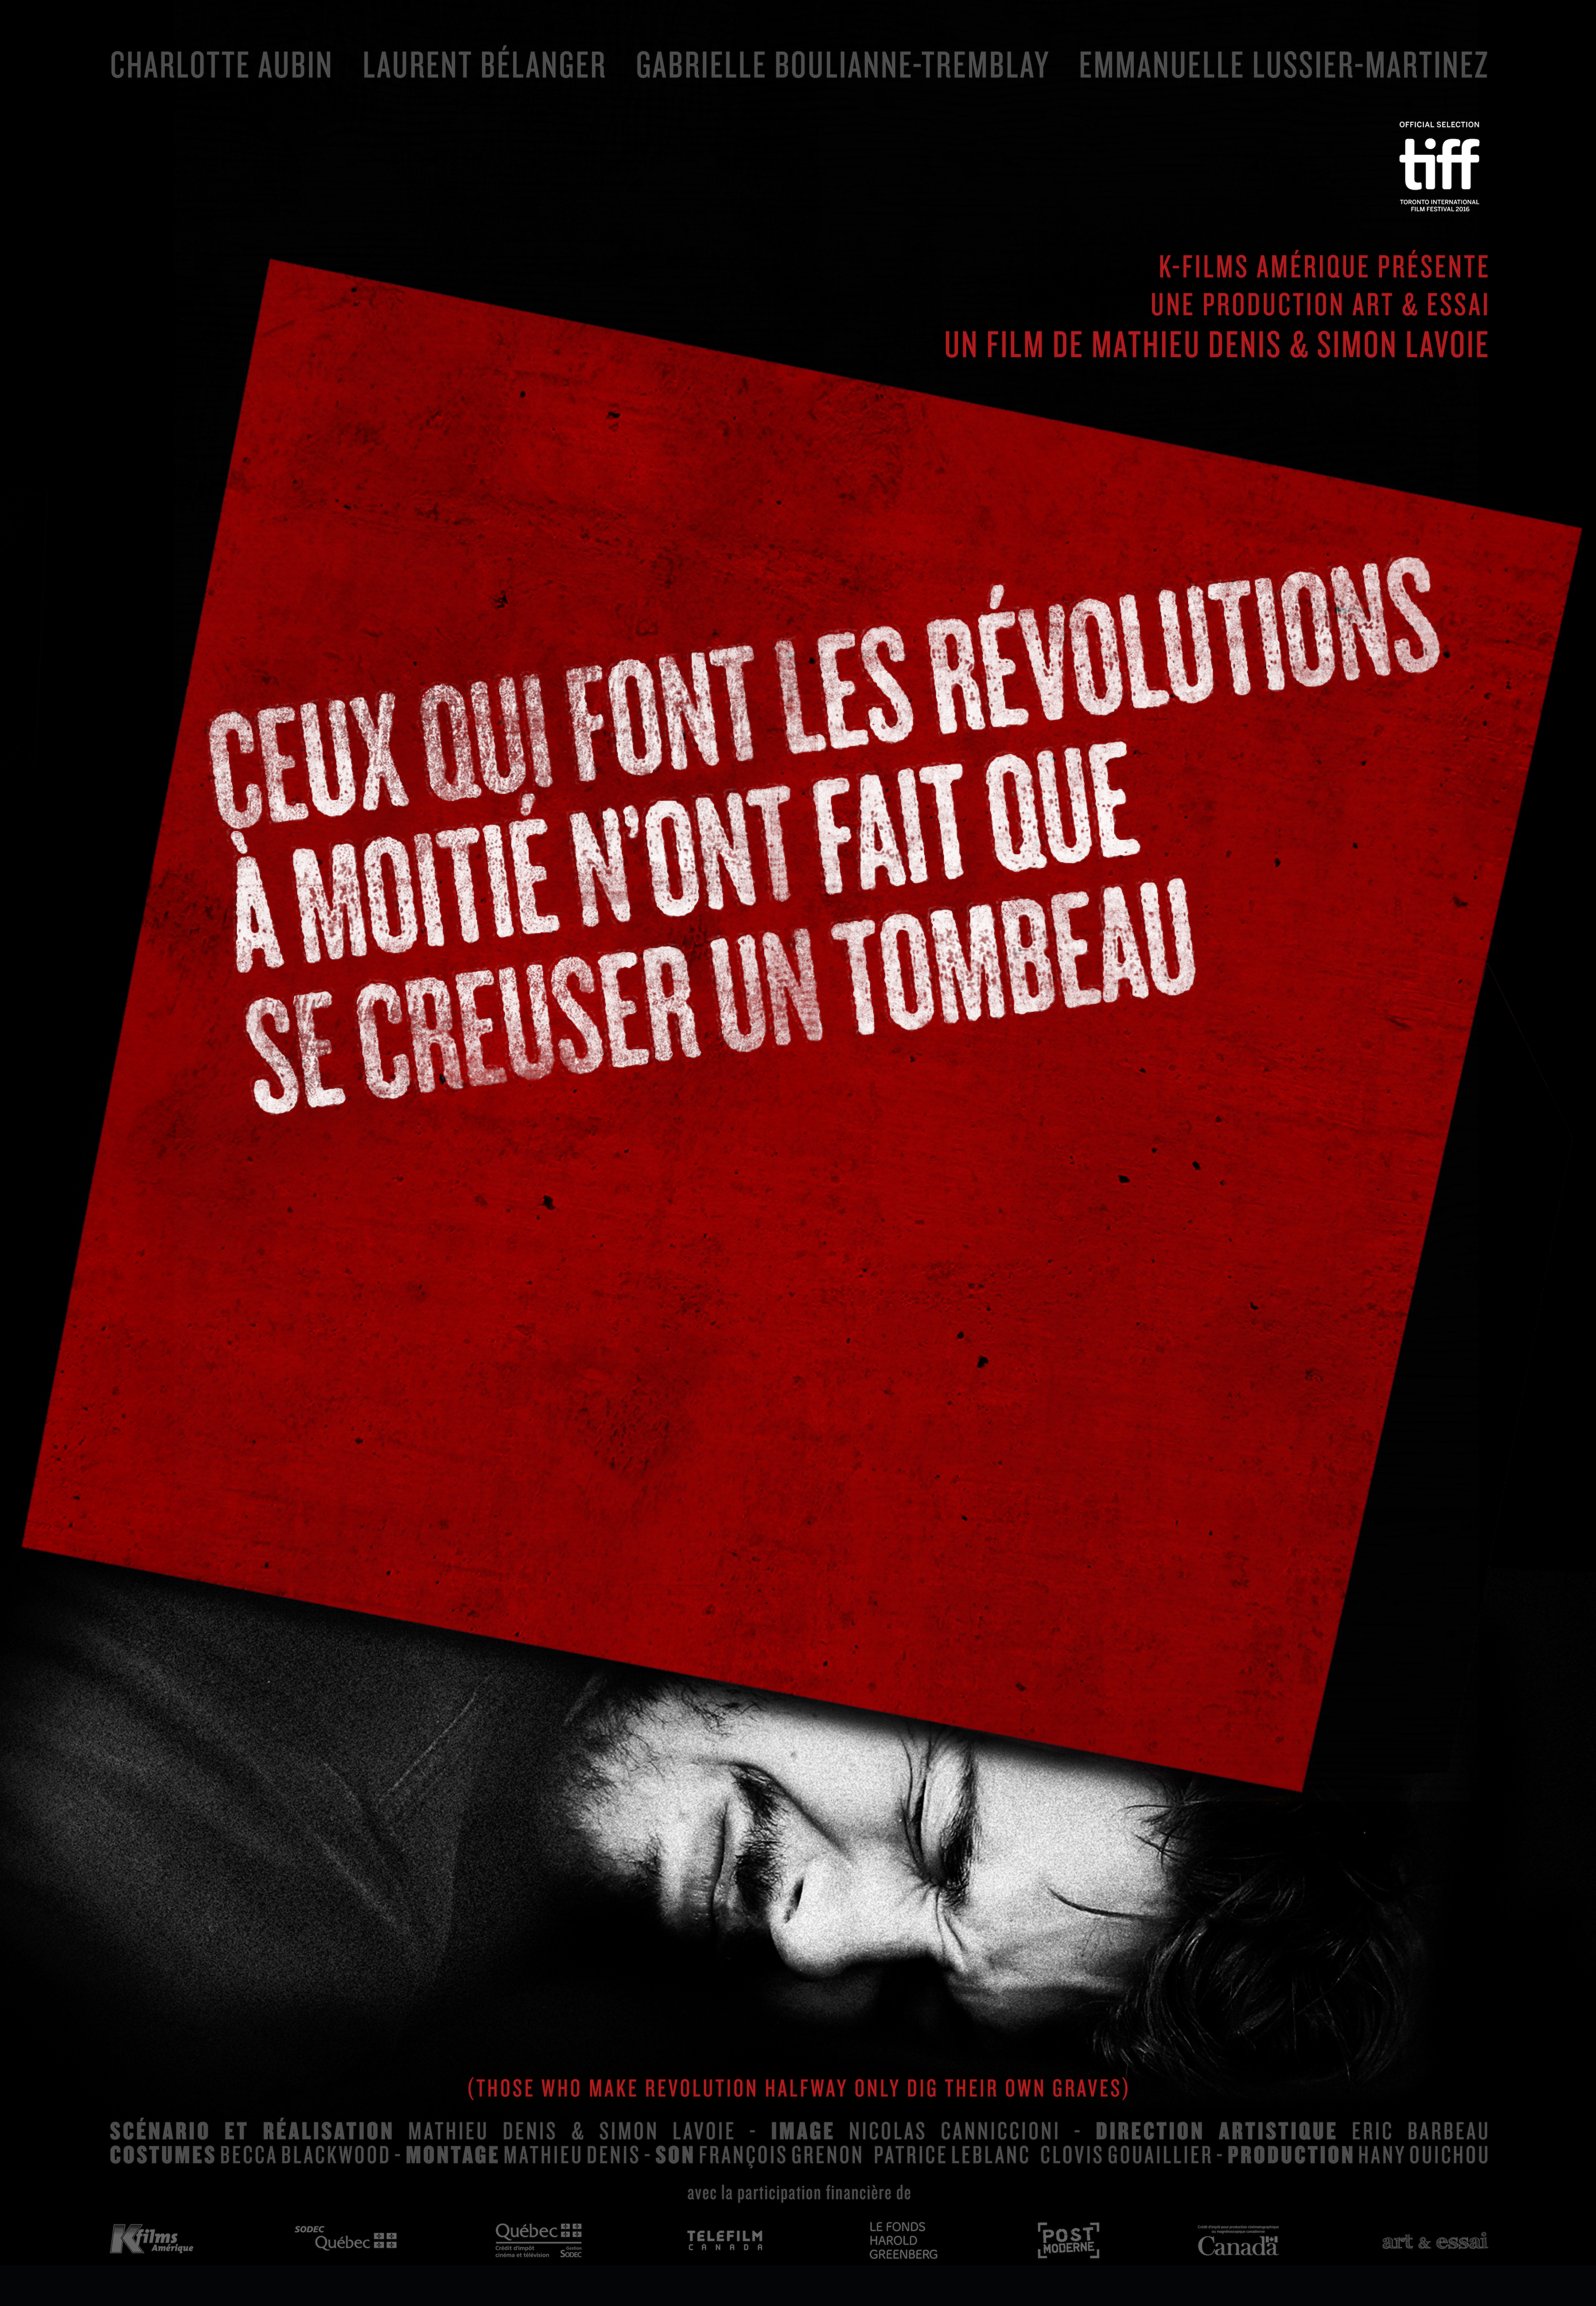 Ceux qui font les révolutions à moitié n'ont fait que se creuser un tombeau (2016)